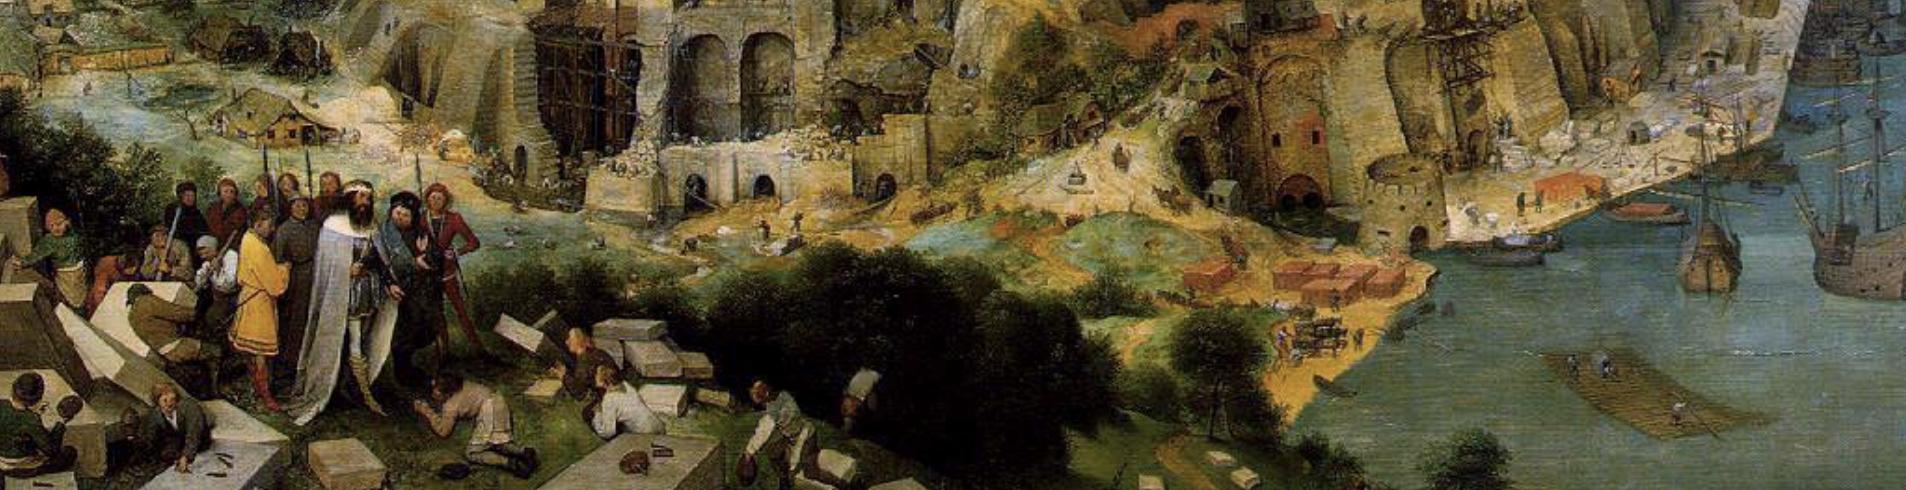 Tour de Babel unique roi Nemord brique Pieter Bruegel l'Ancien